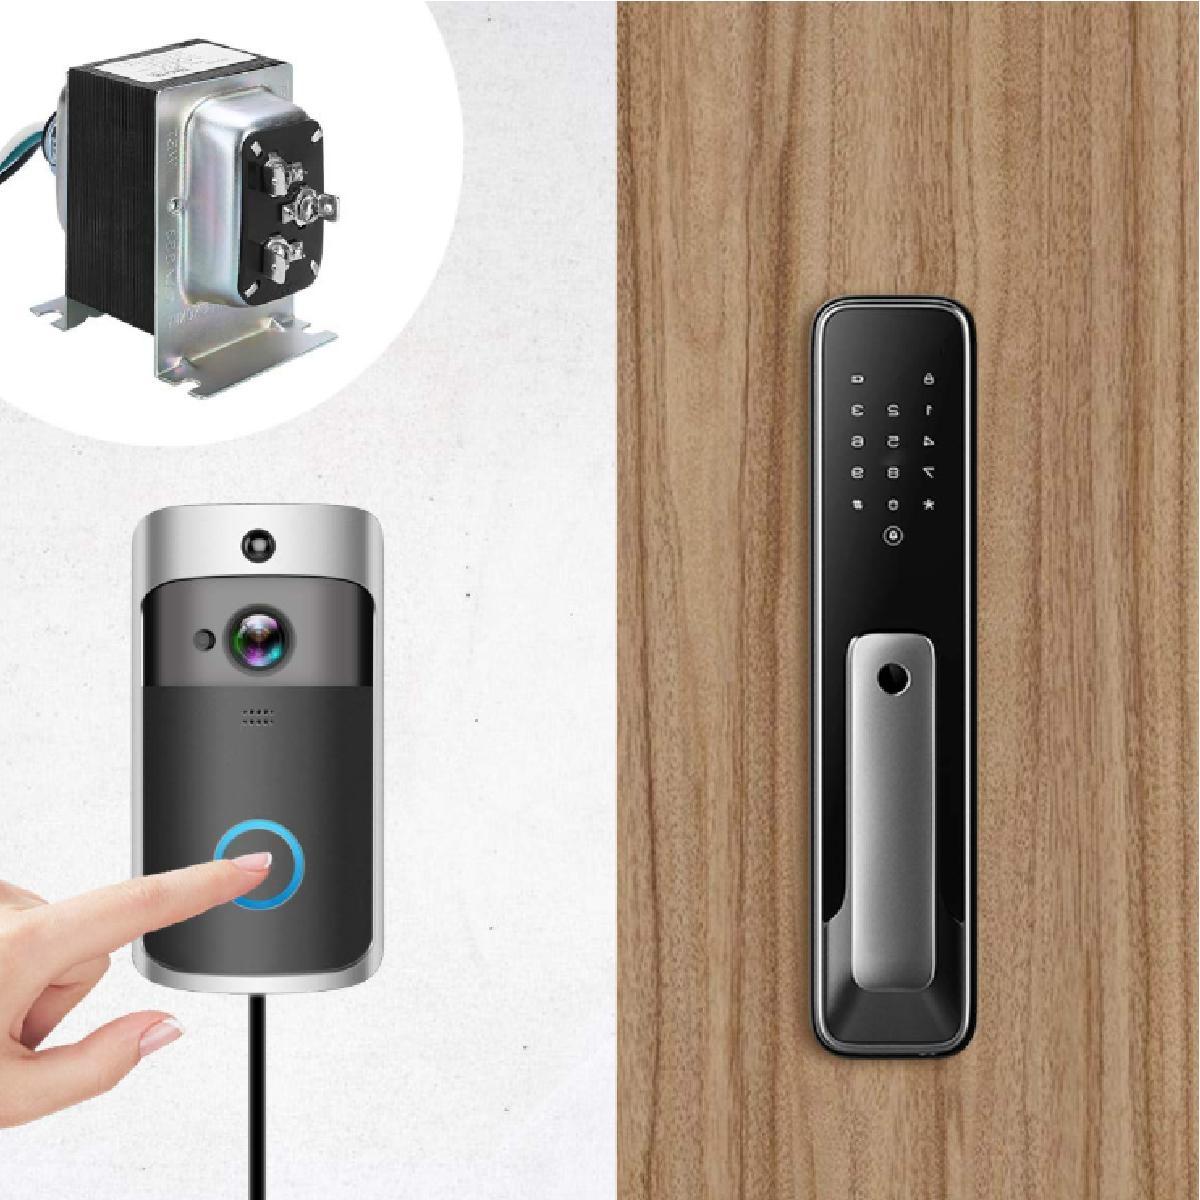 Doorbell 8V/16V/24V, Comptible with Ring Video Doorbell Pro